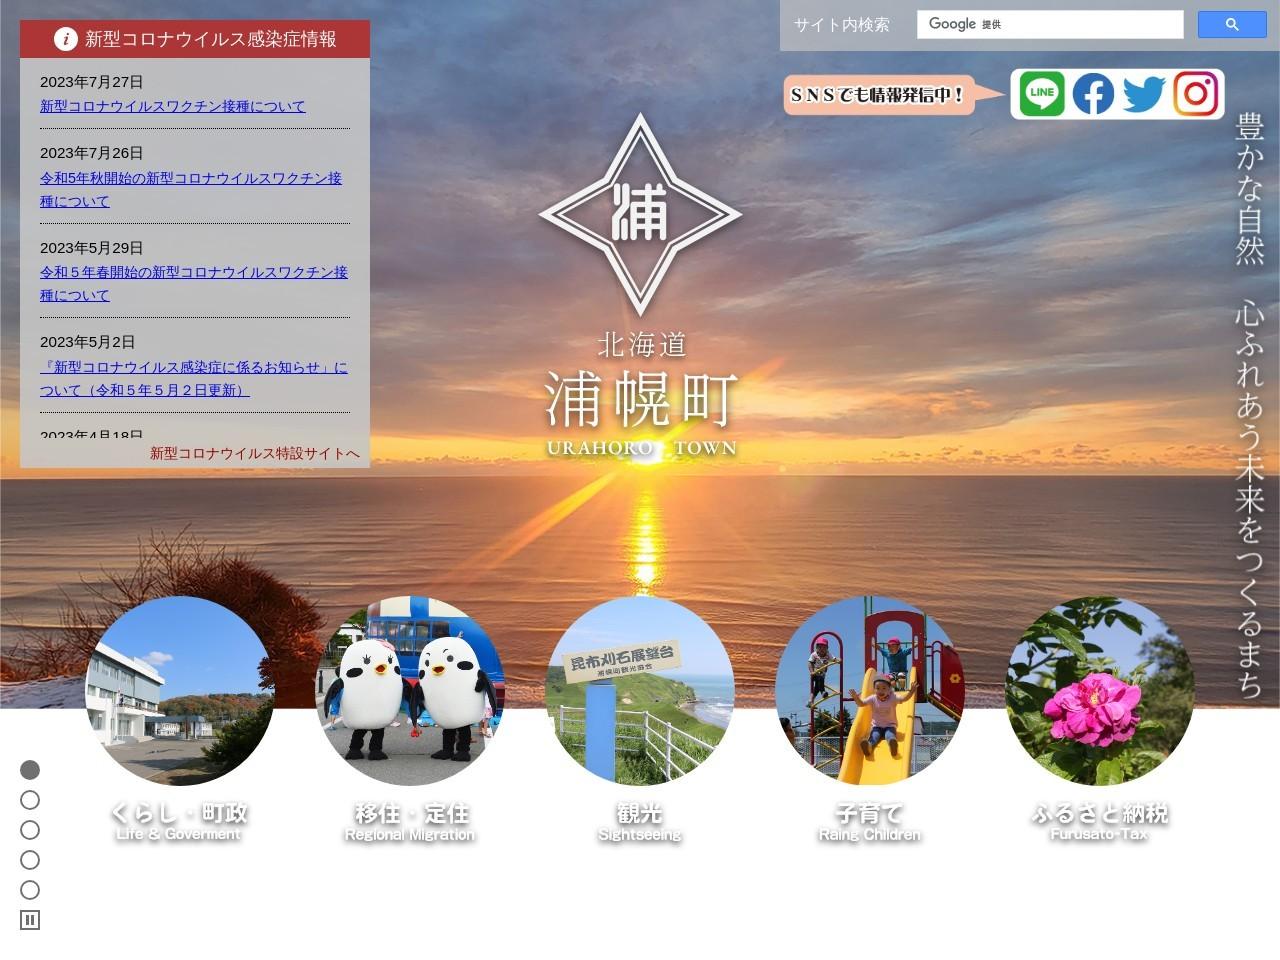 http://www.urahoro.jp/oshirase/catetemp2_oshirase30/2018-1204-1432-105.html